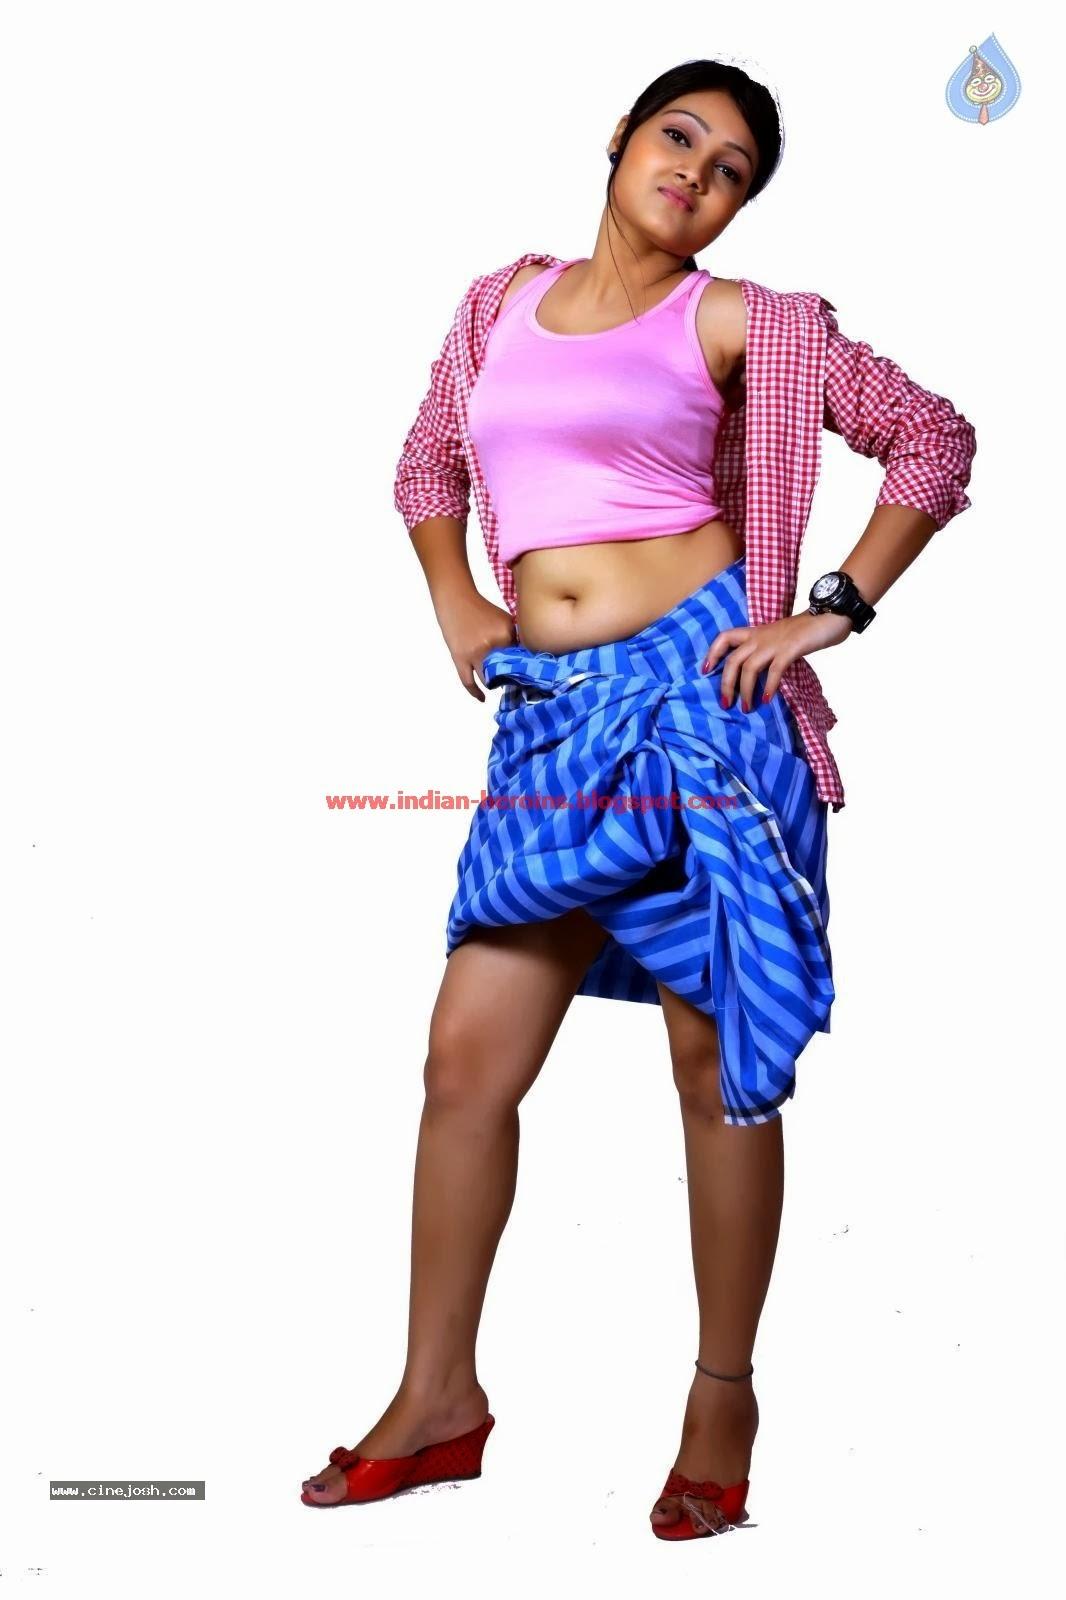 Telugu Tv Actress Priyanka Hot Navel And Boobs Showing -6191